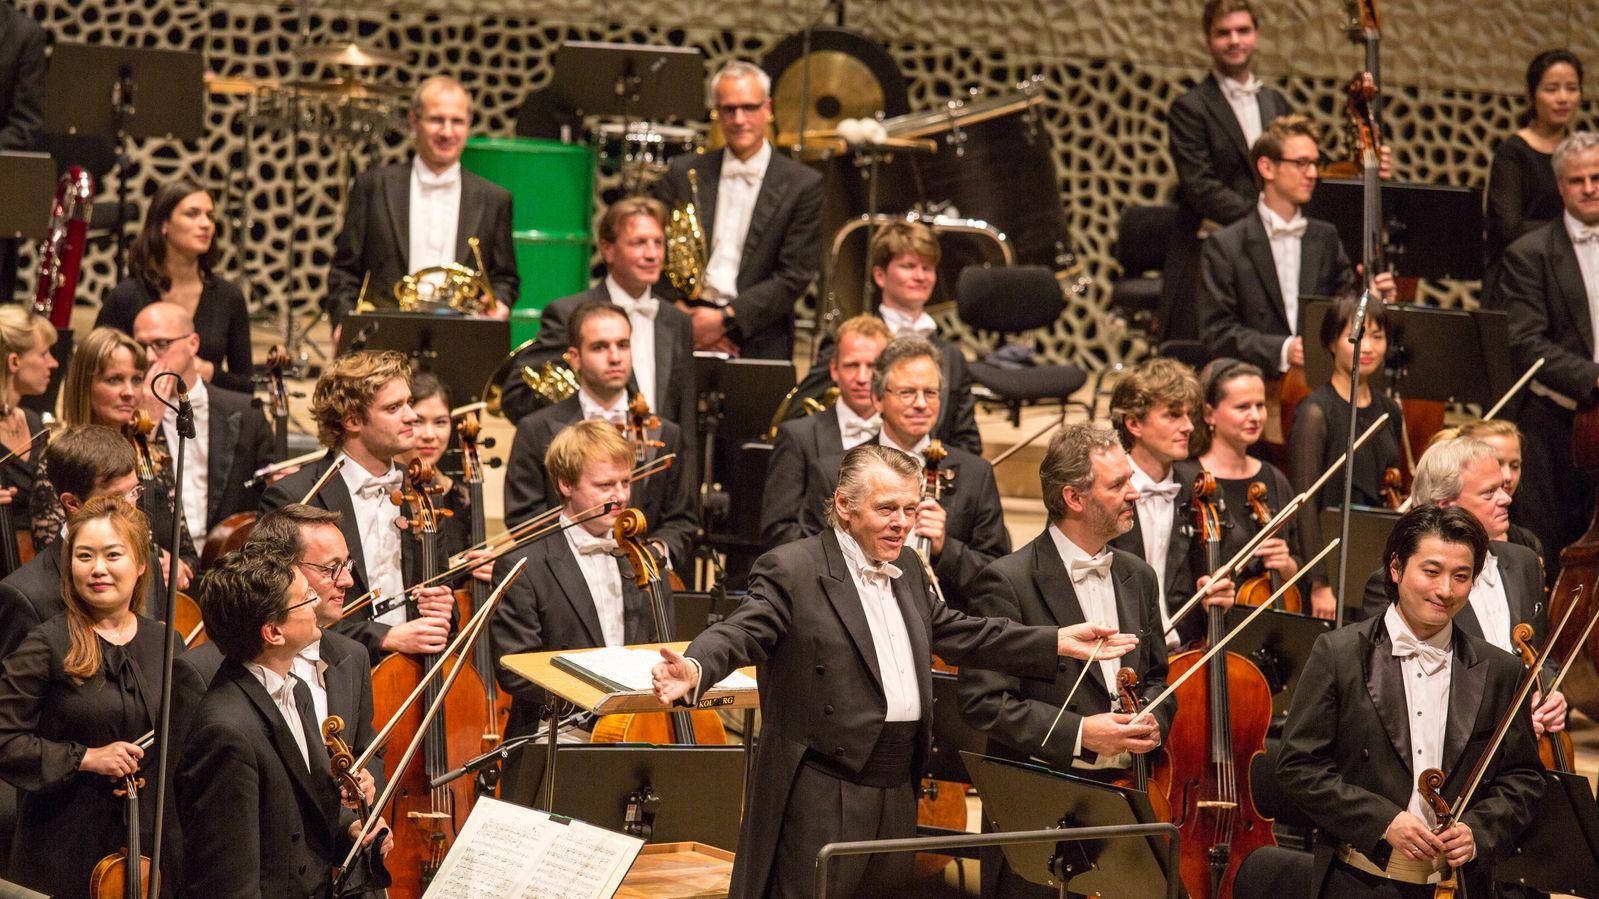 Chefdirigent Mariss Jansons und das Symphonieorchester des Bayerischen Rundfunk 2017 in der Elbphilharmonie in Hamburg.